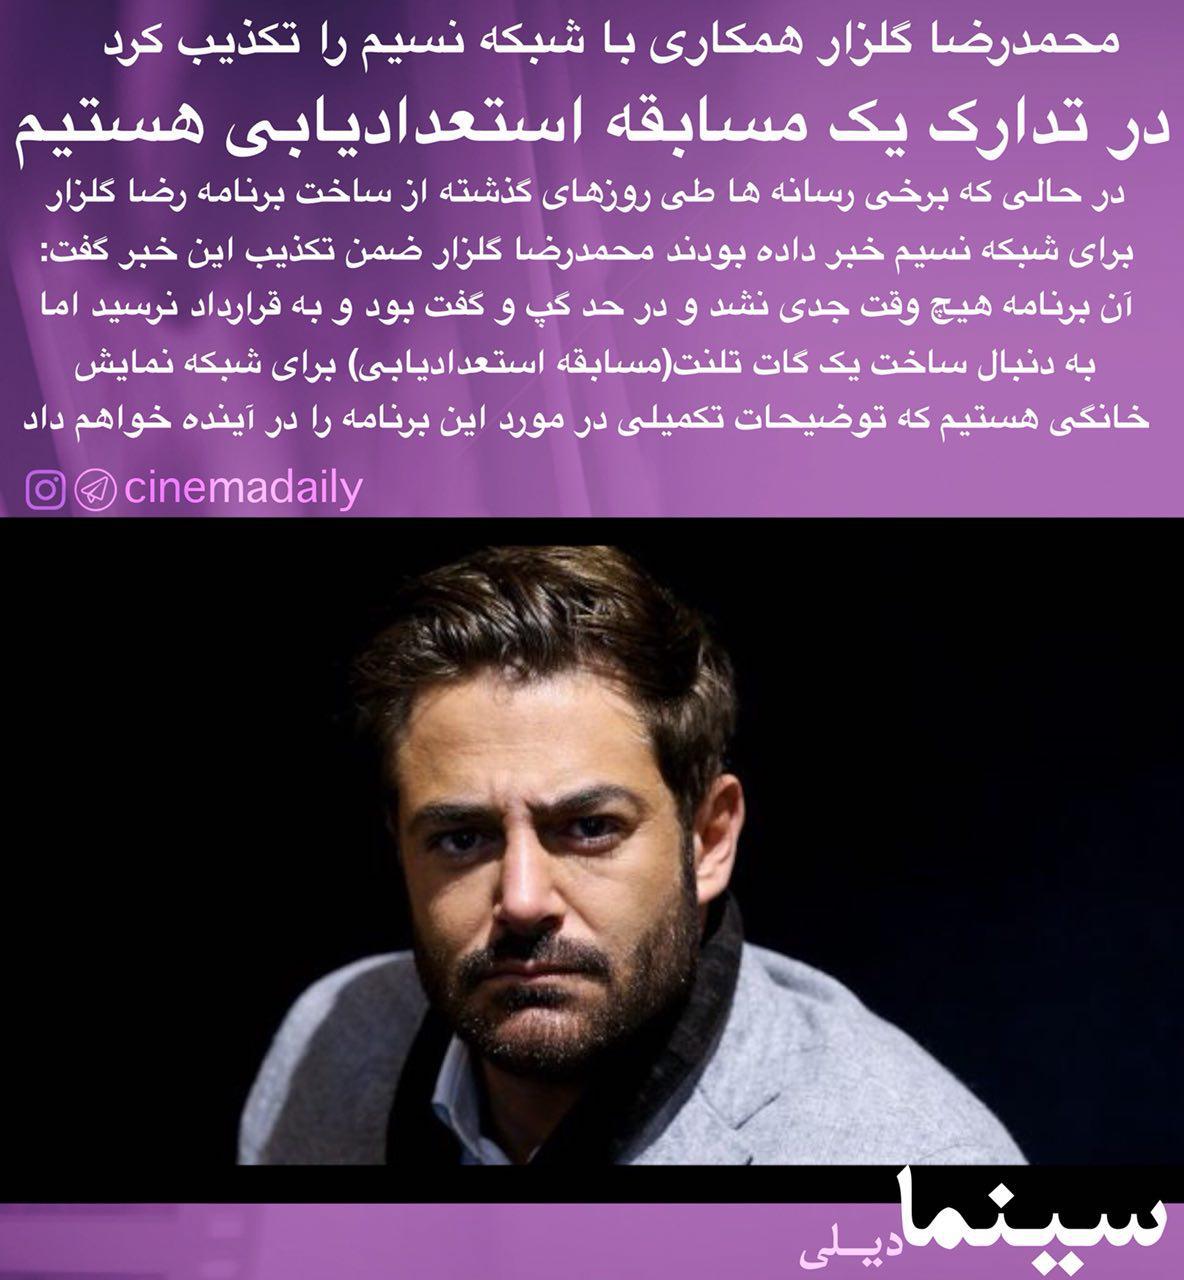 محمدرضا گلزار ساخت برنامه برای شبکه نسیم را تکذیب کرد